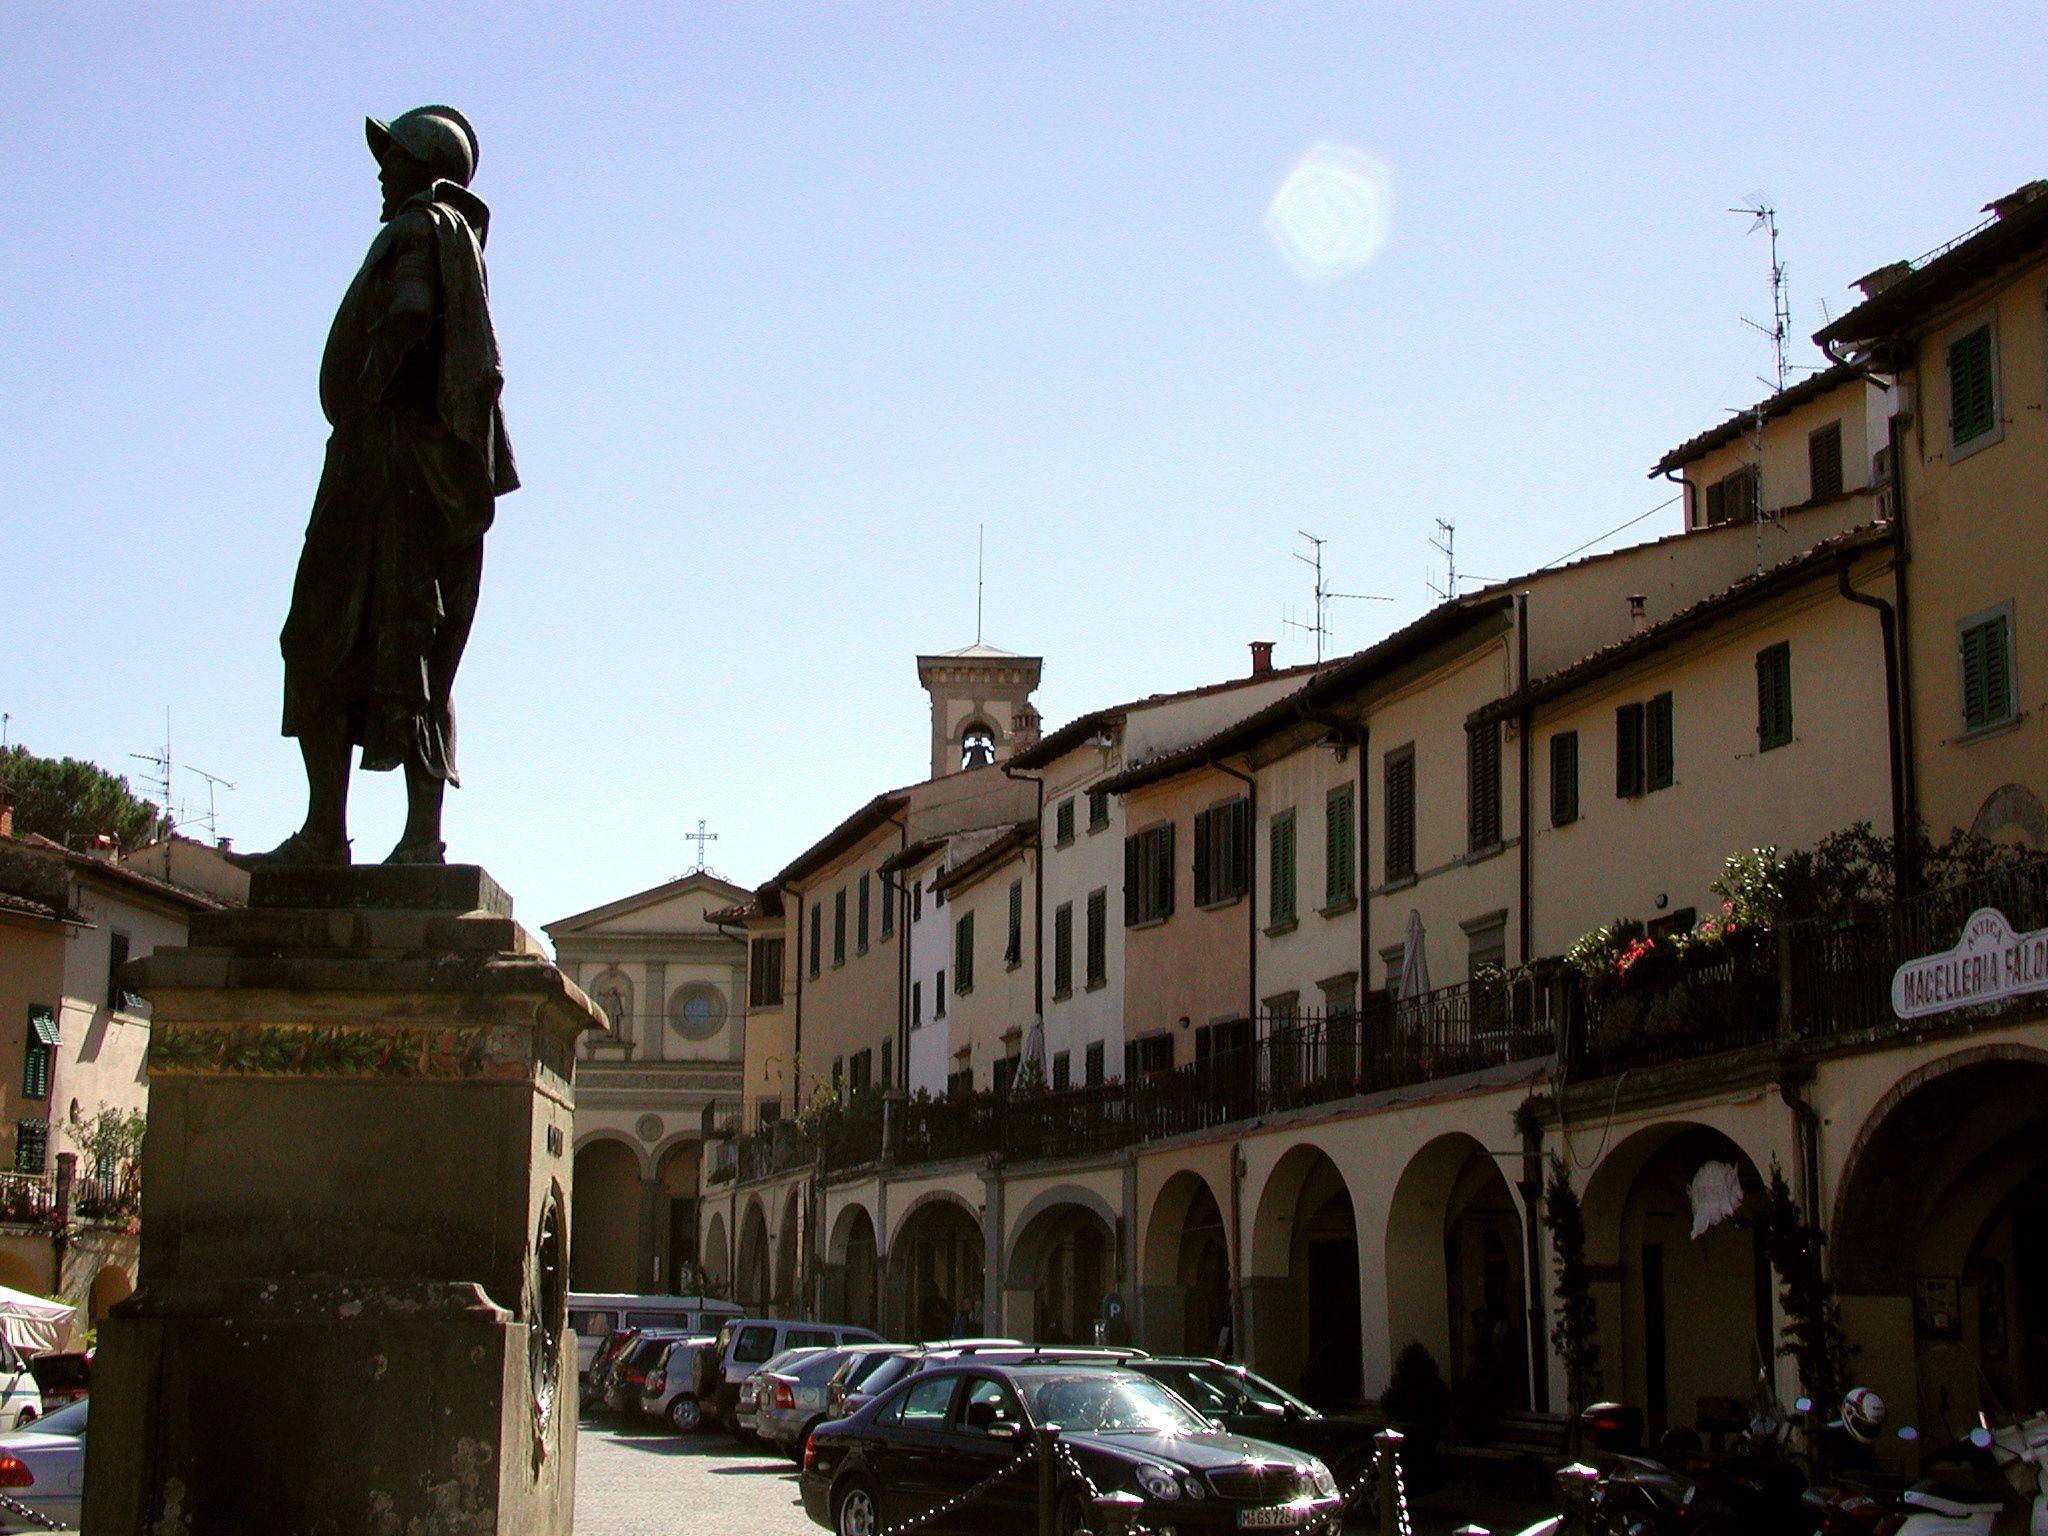 Greve in Chianti Greve in chianti, Favorite places